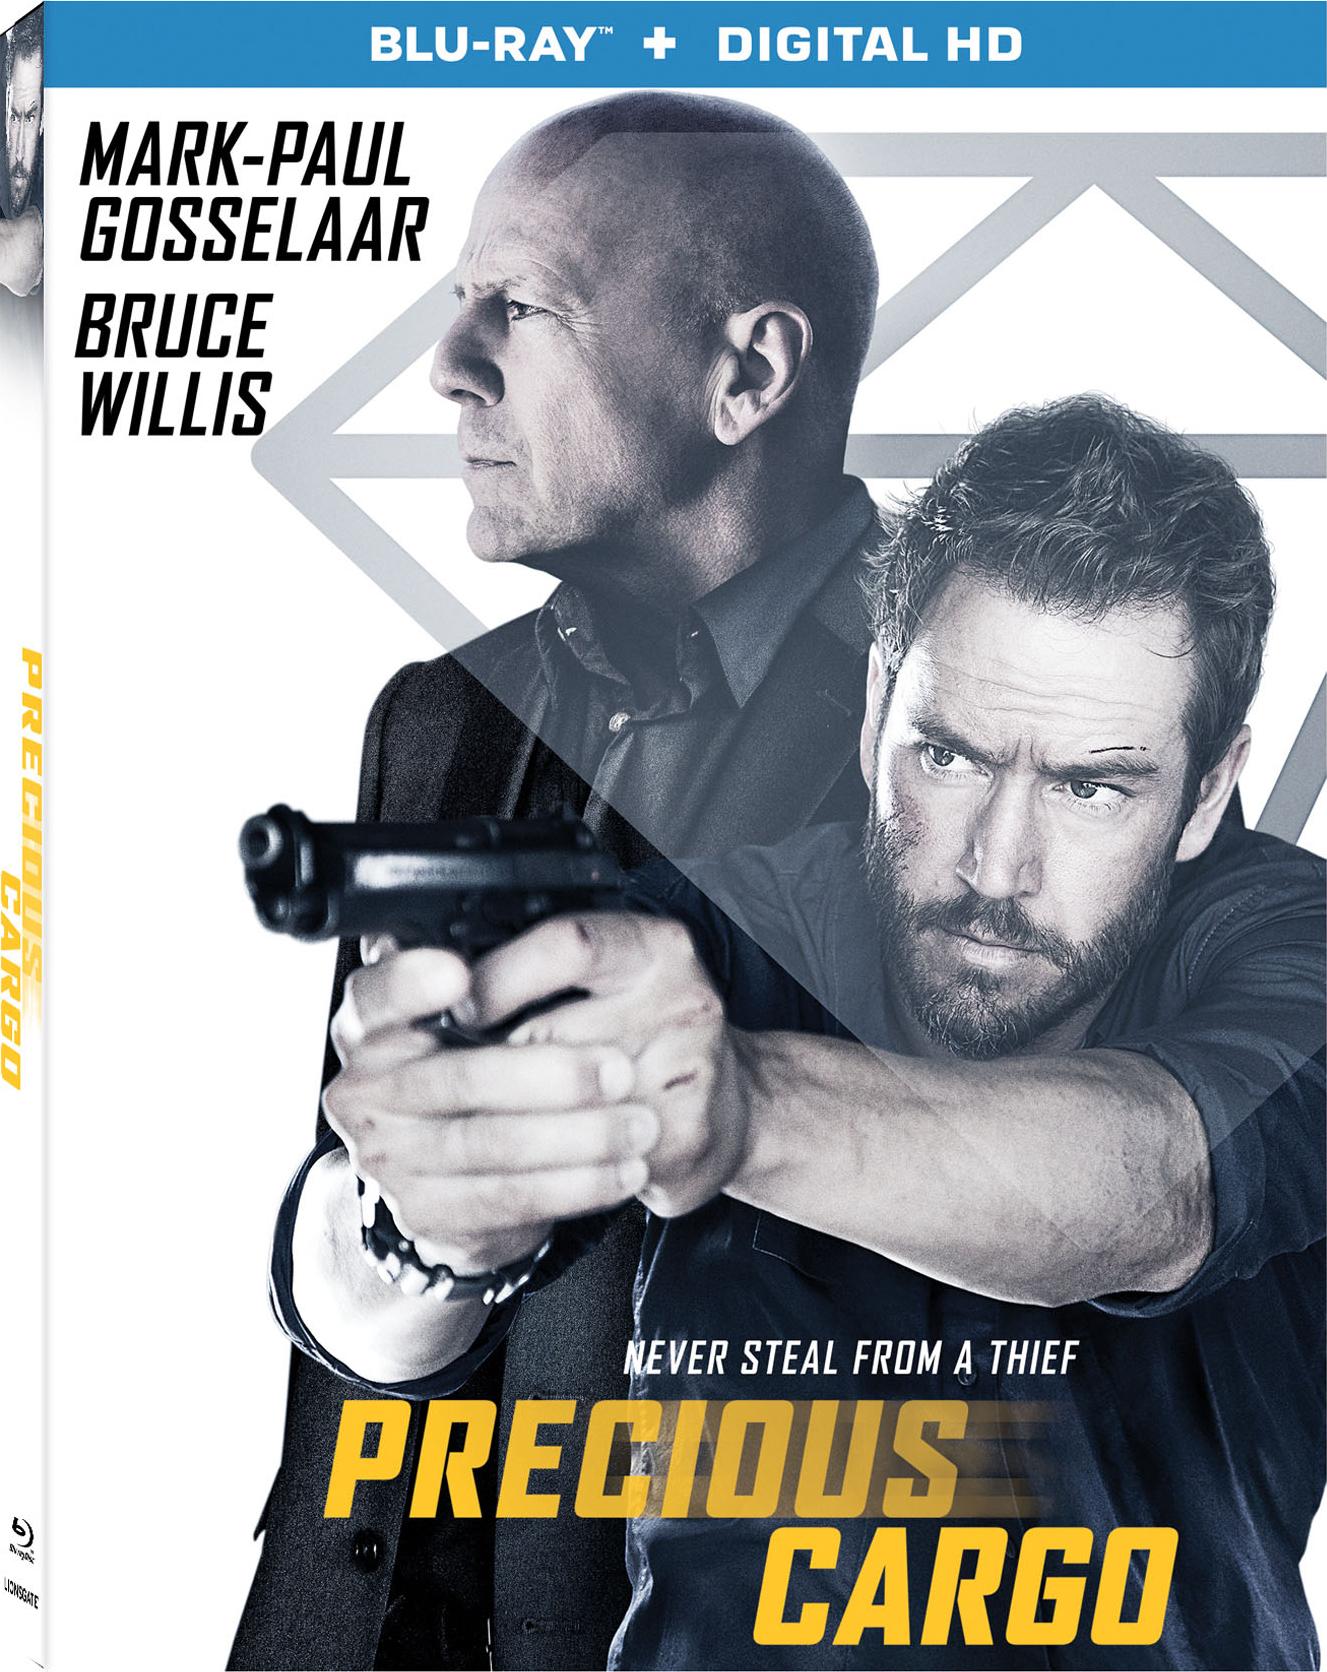 Precious Cargo (2016) poster image